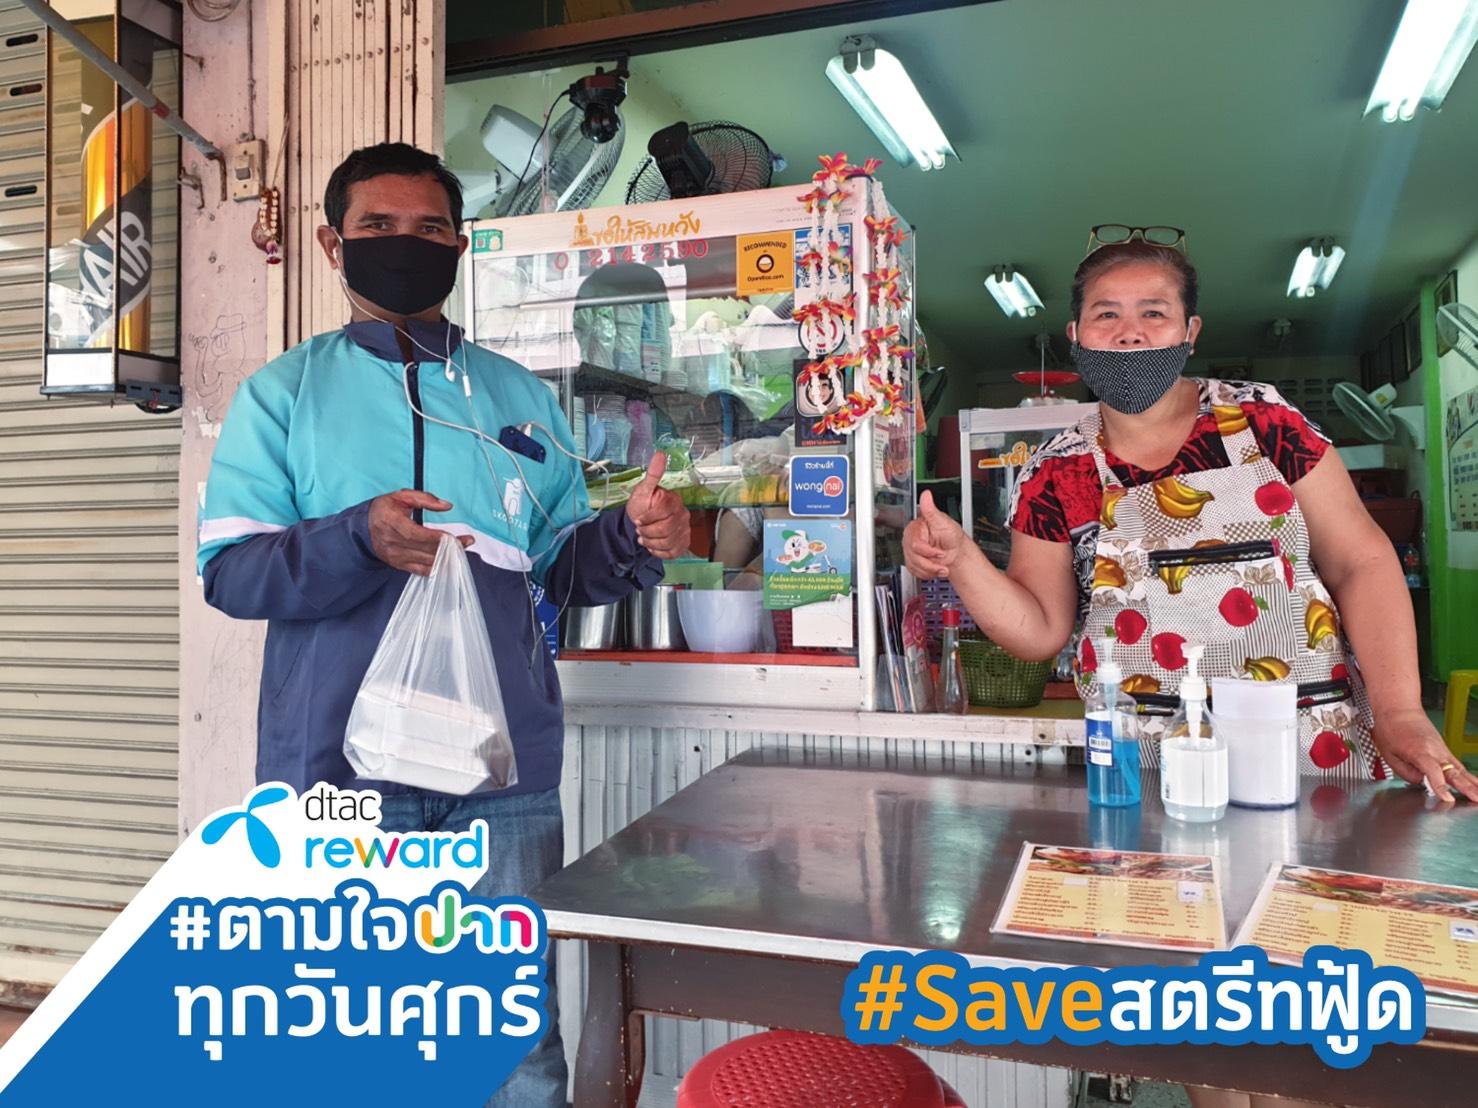 #Saveสตรีทฟู้ด ดีแทค รีวอร์ด ช่วยสนับสนุนพ่อค้าแม่ค้า ร้านอาหารริมทาง เพิ่มรายได้ สู้โควิด-19 มอบสิทธิพิเศษส่วนลด ตามใจปากทุกวันศุกร์ เดือนพ.ค.